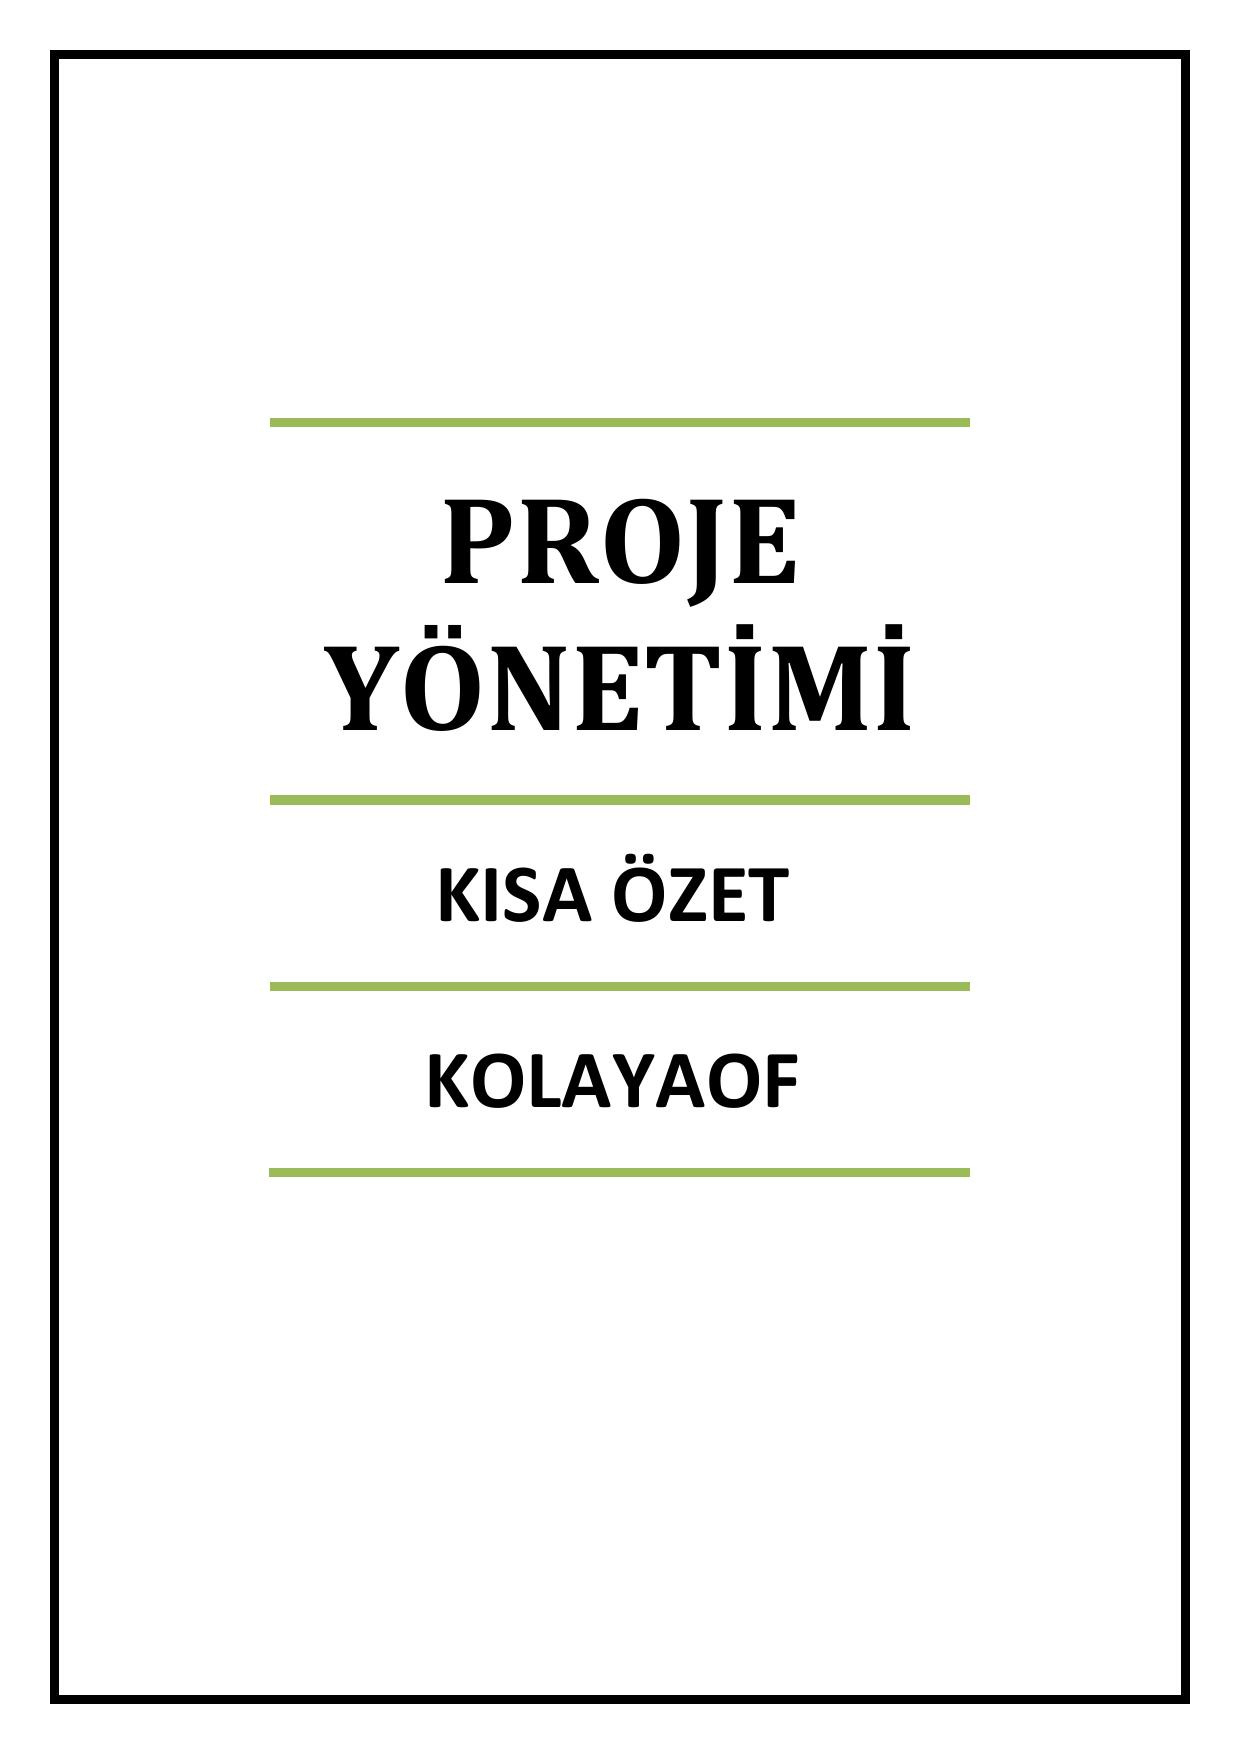 Krpovo ne anlama gelir: sözcüğün anlamı ve kökeni 71